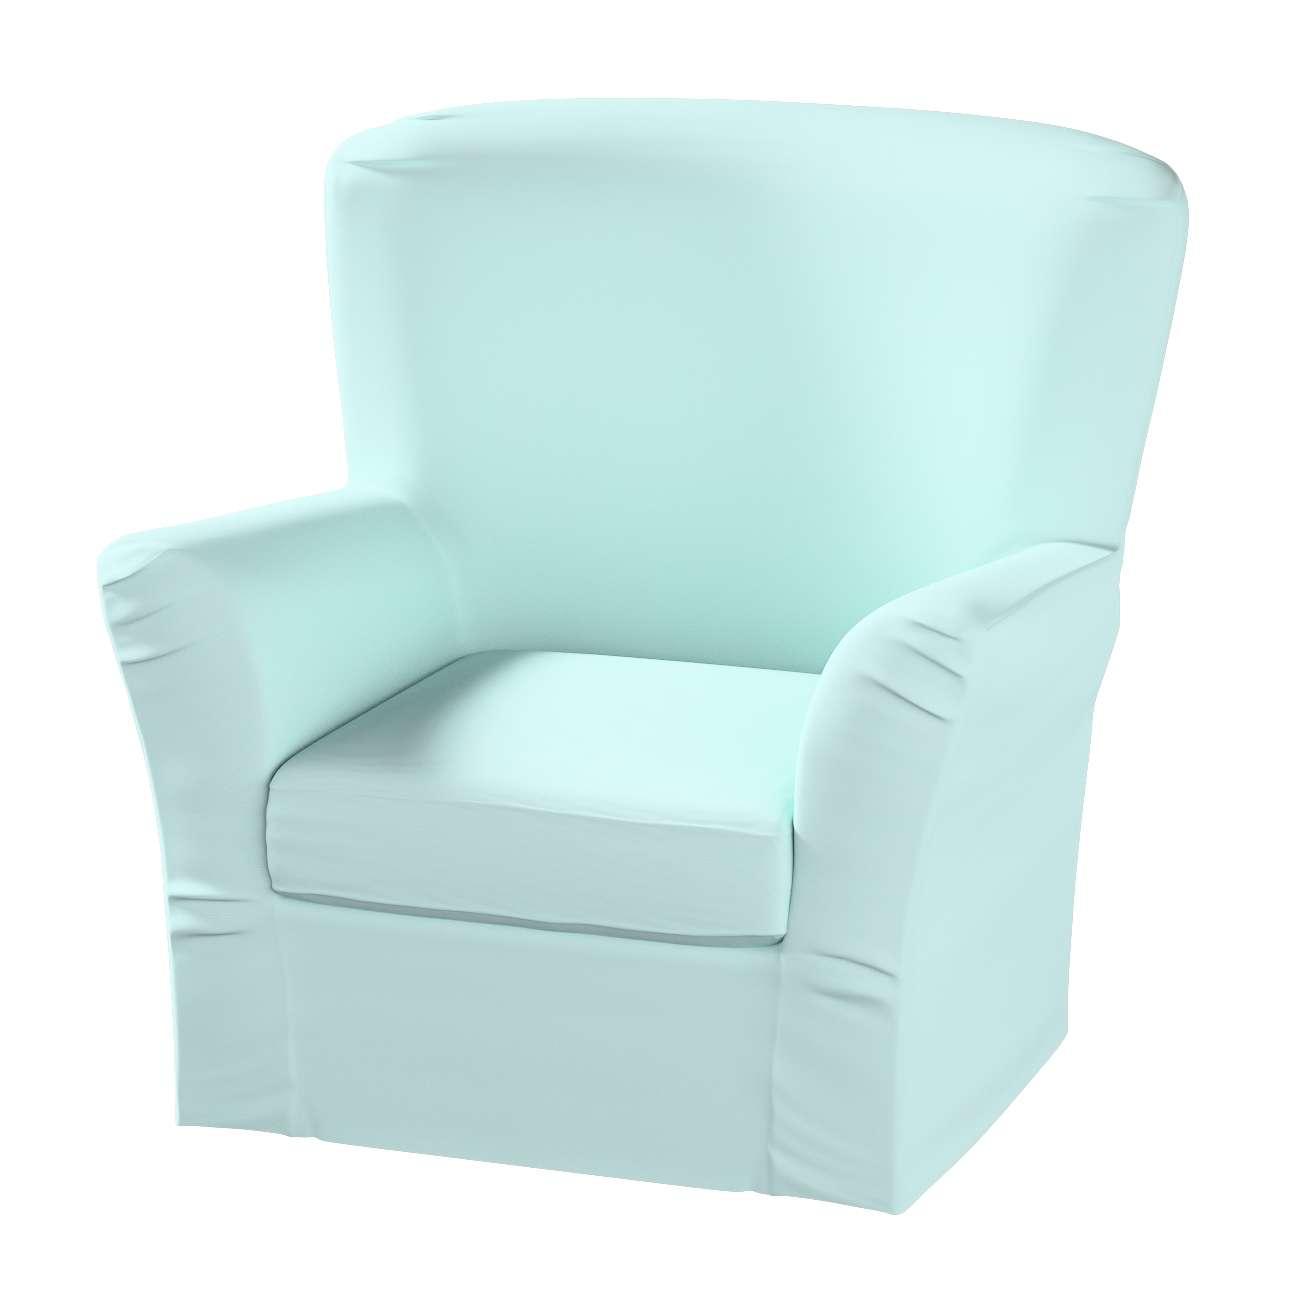 Pokrowiec na fotel Tomelilla z zakładkami w kolekcji Cotton Panama, tkanina: 702-10